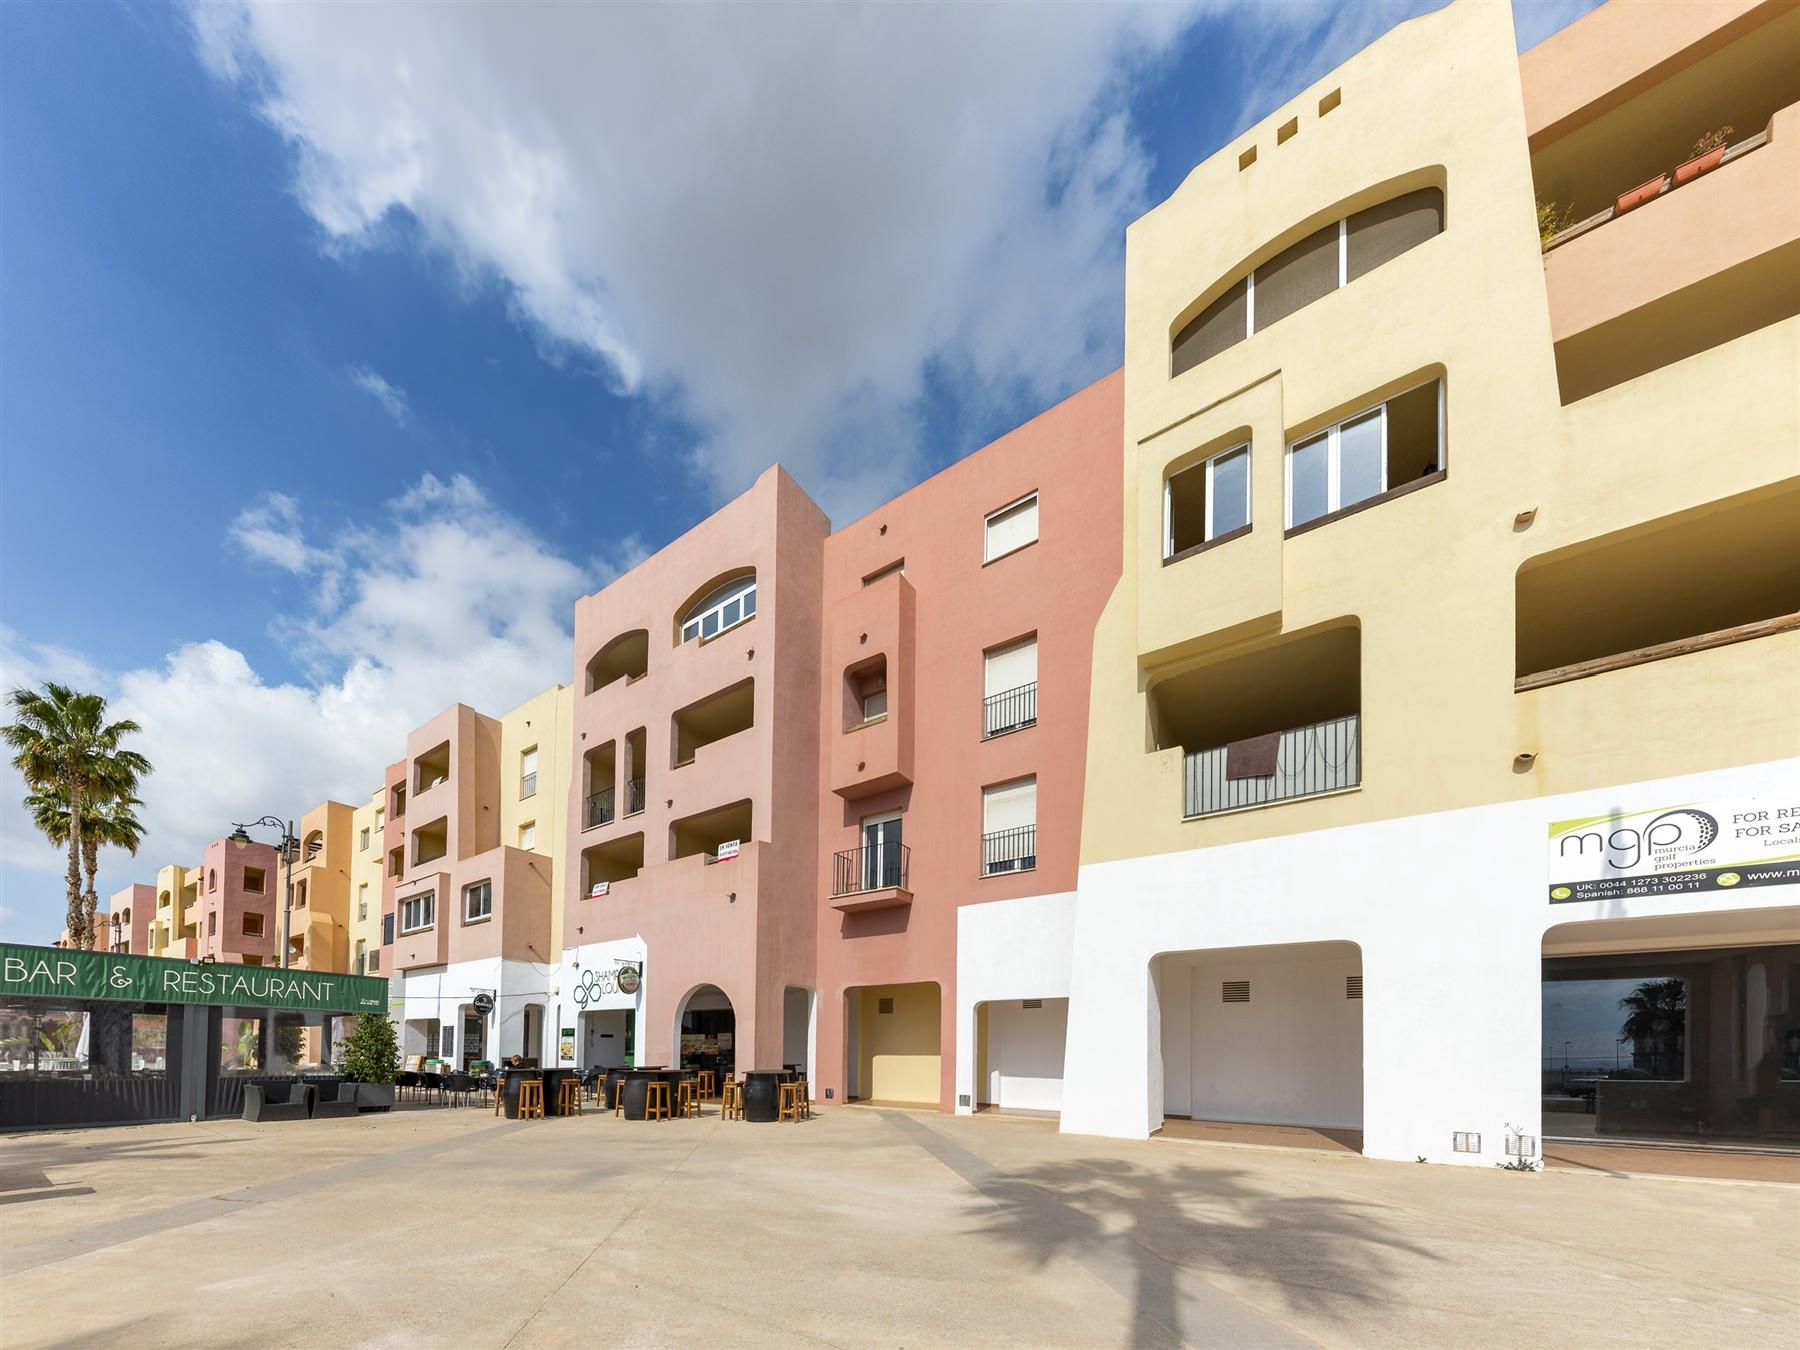 Piso en venta en Torre-pacheco, Murcia, Calle Pino Carrasco, 96.500 €, 3 habitaciones, 2 baños, 131 m2